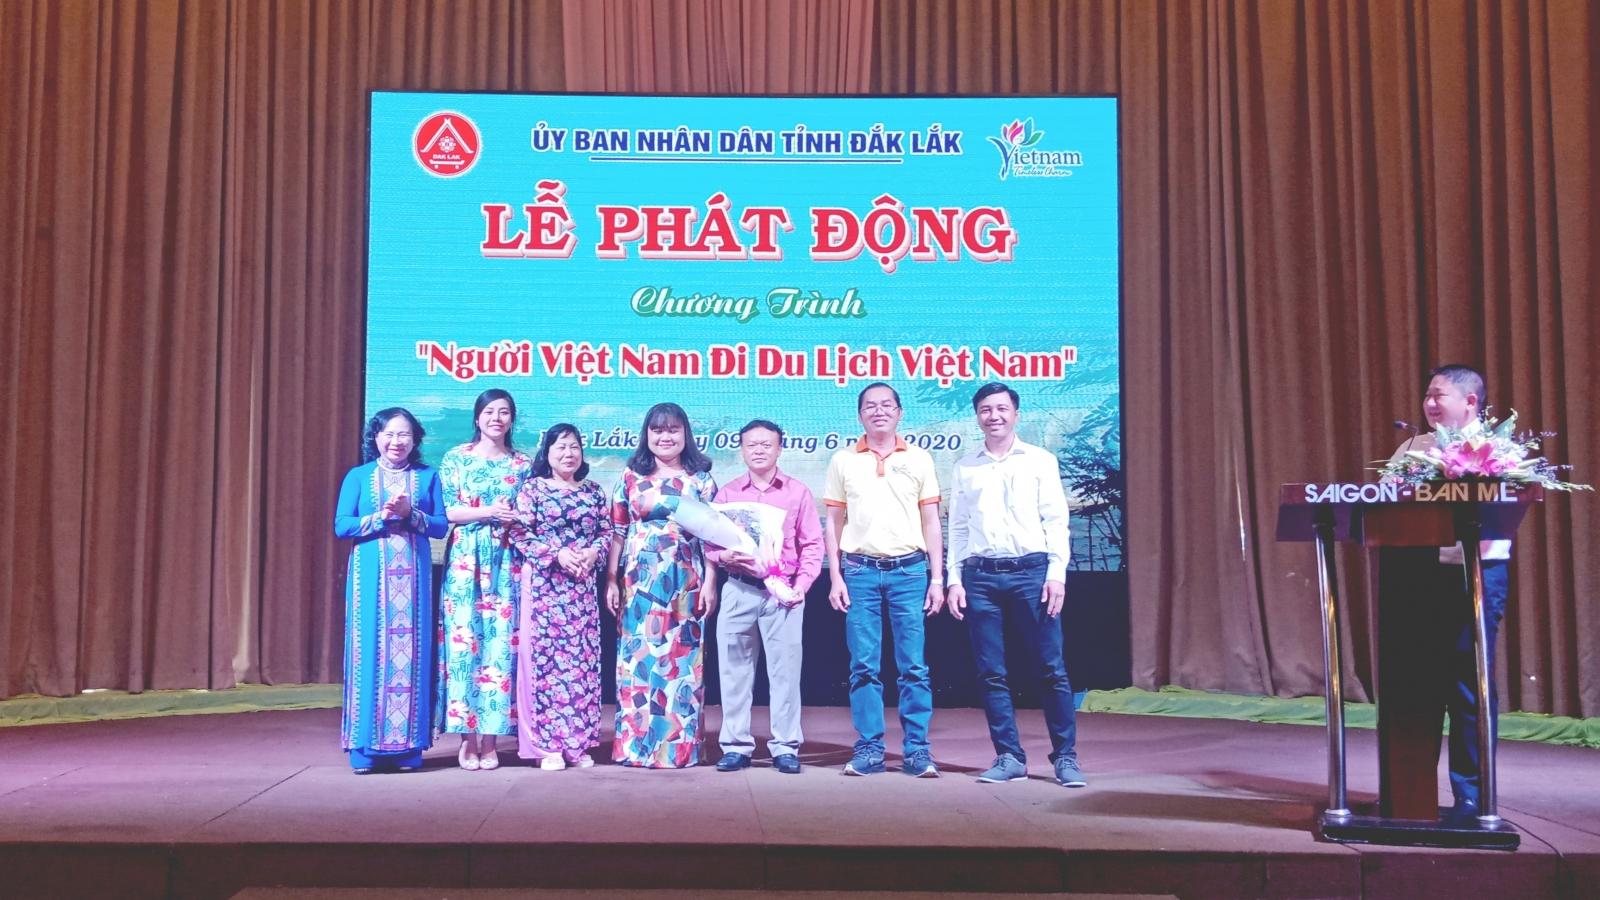 """Phát động chương trình """"Người Việt Nam đi du lịch Việt Nam"""" ở Đắk Lắk"""